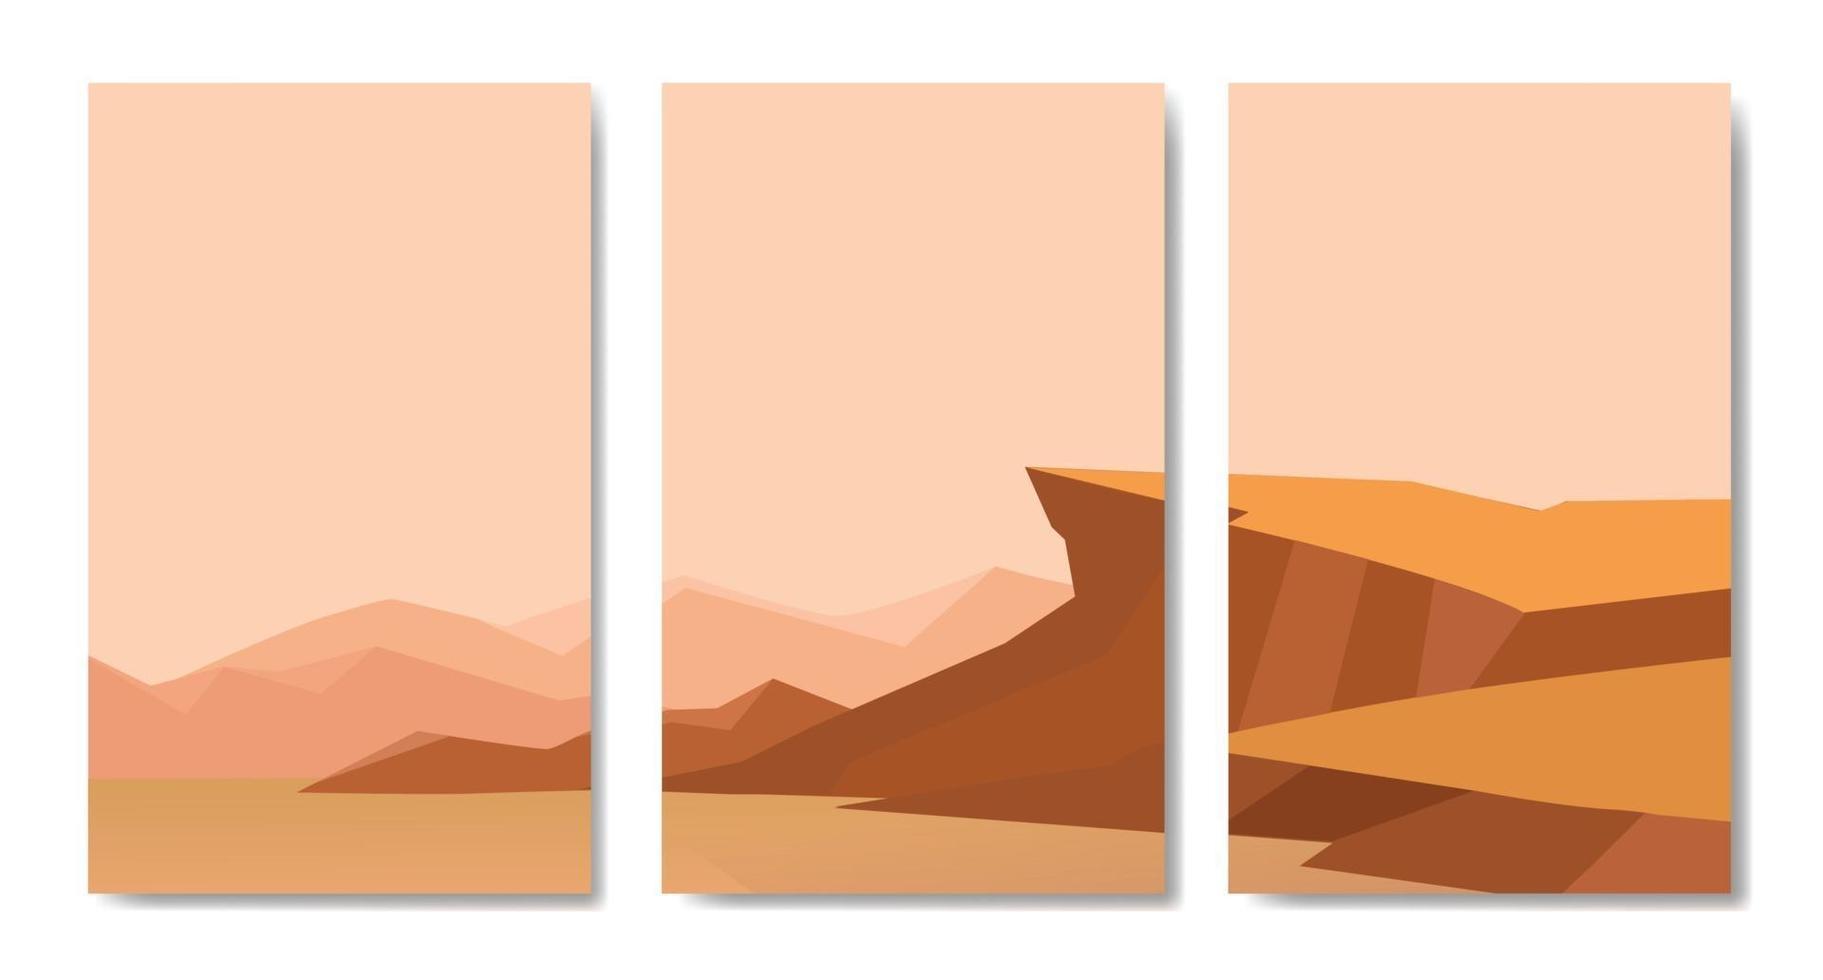 Landschaftsvektorsatz, minimalistische Landschaftscollagen vektor